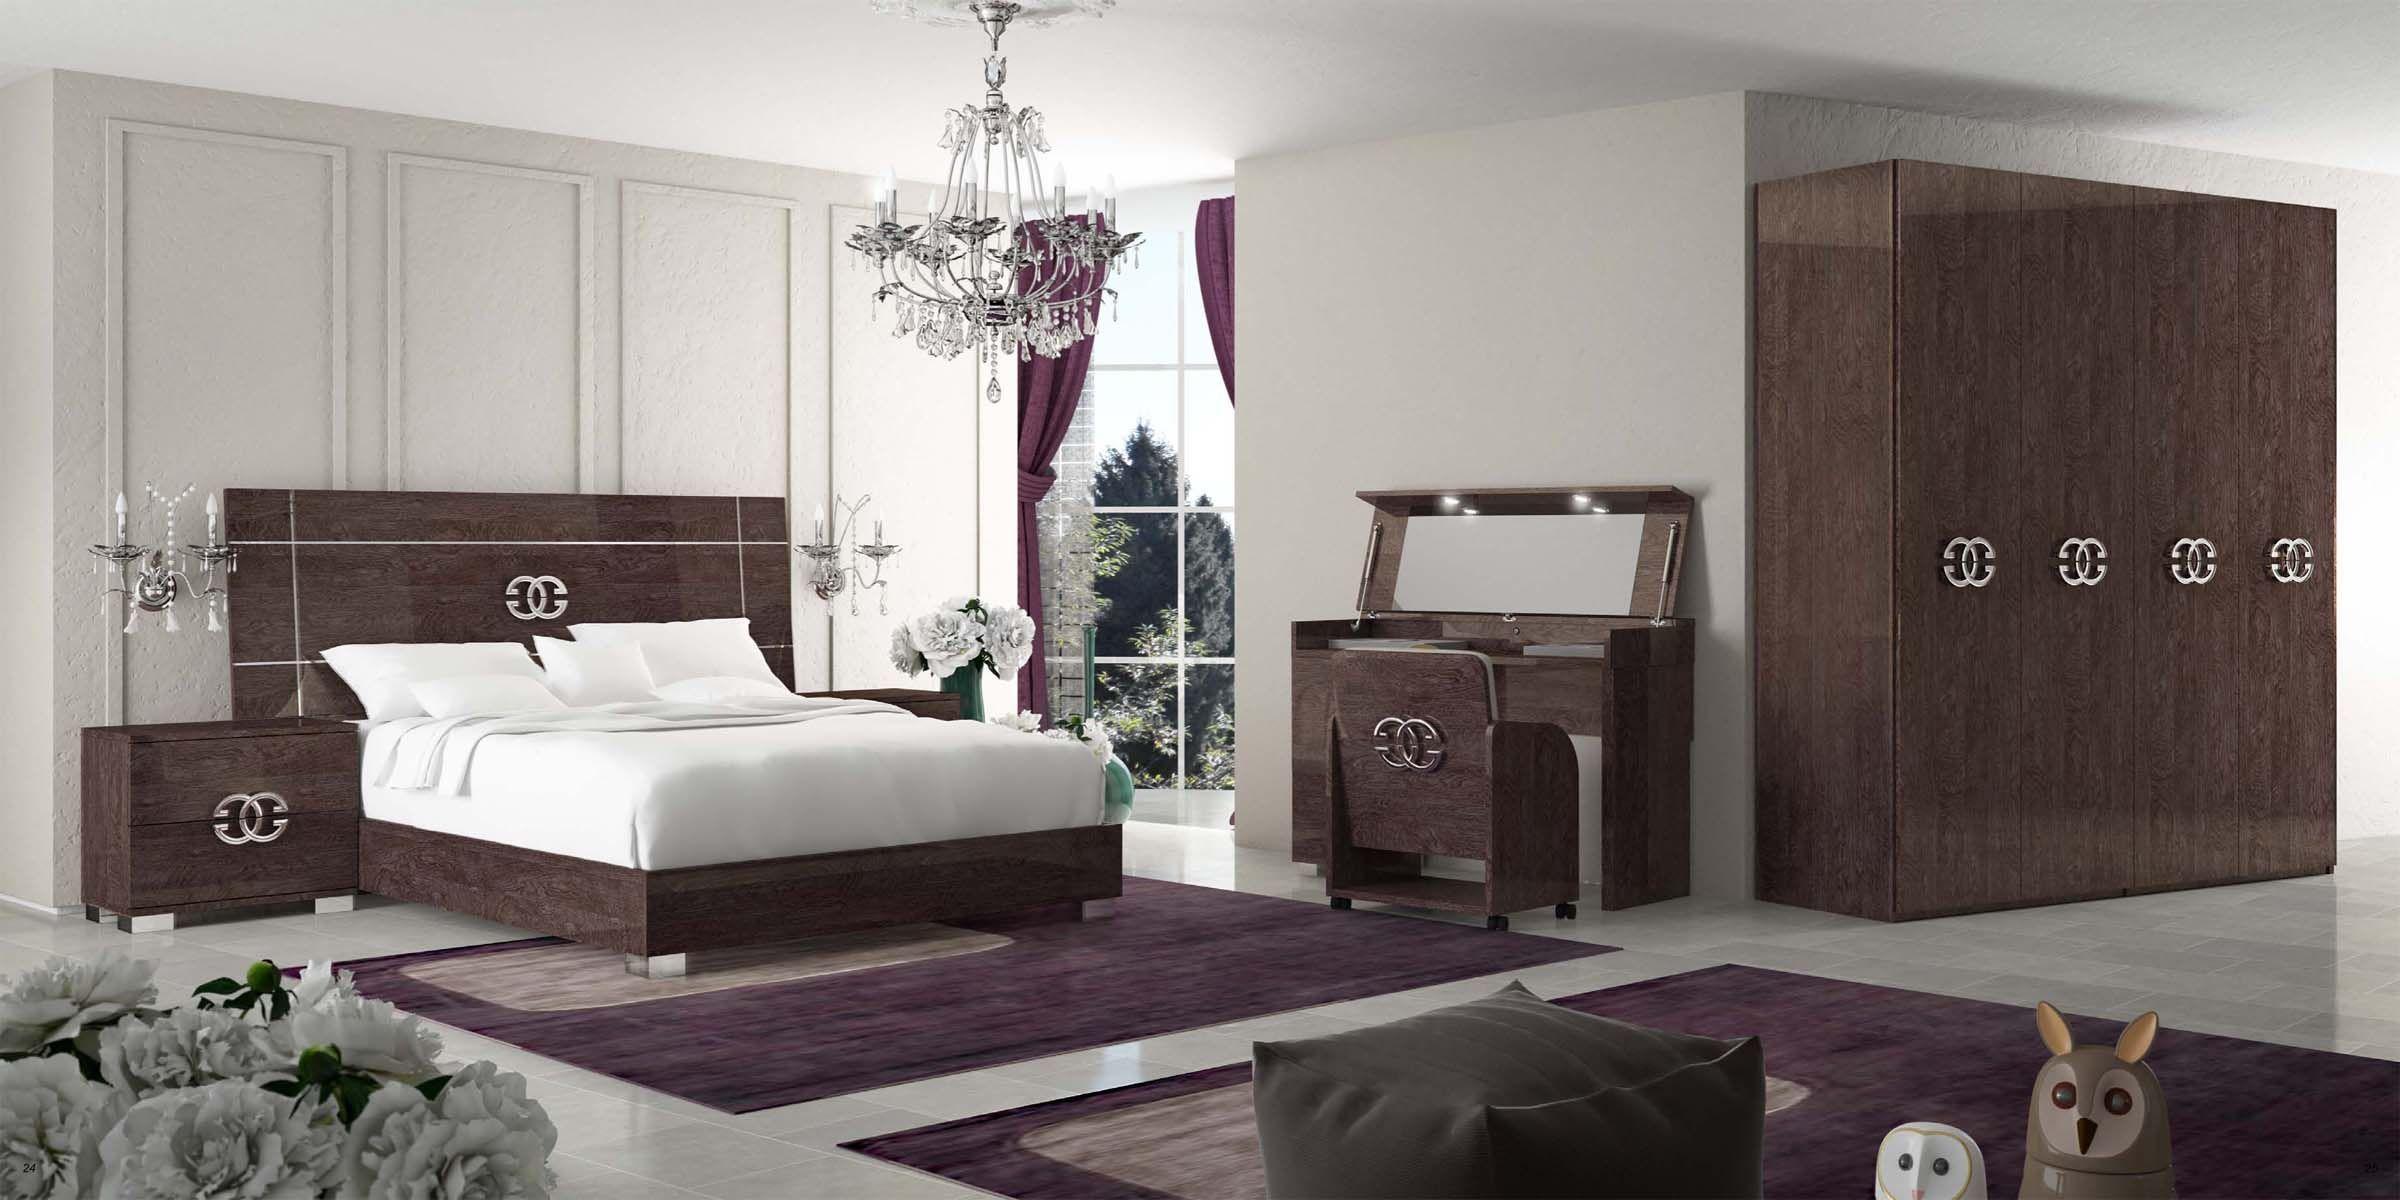 Plattform Schlafzimmer Sets Billig Moderne Schlafzimmer Sets ...